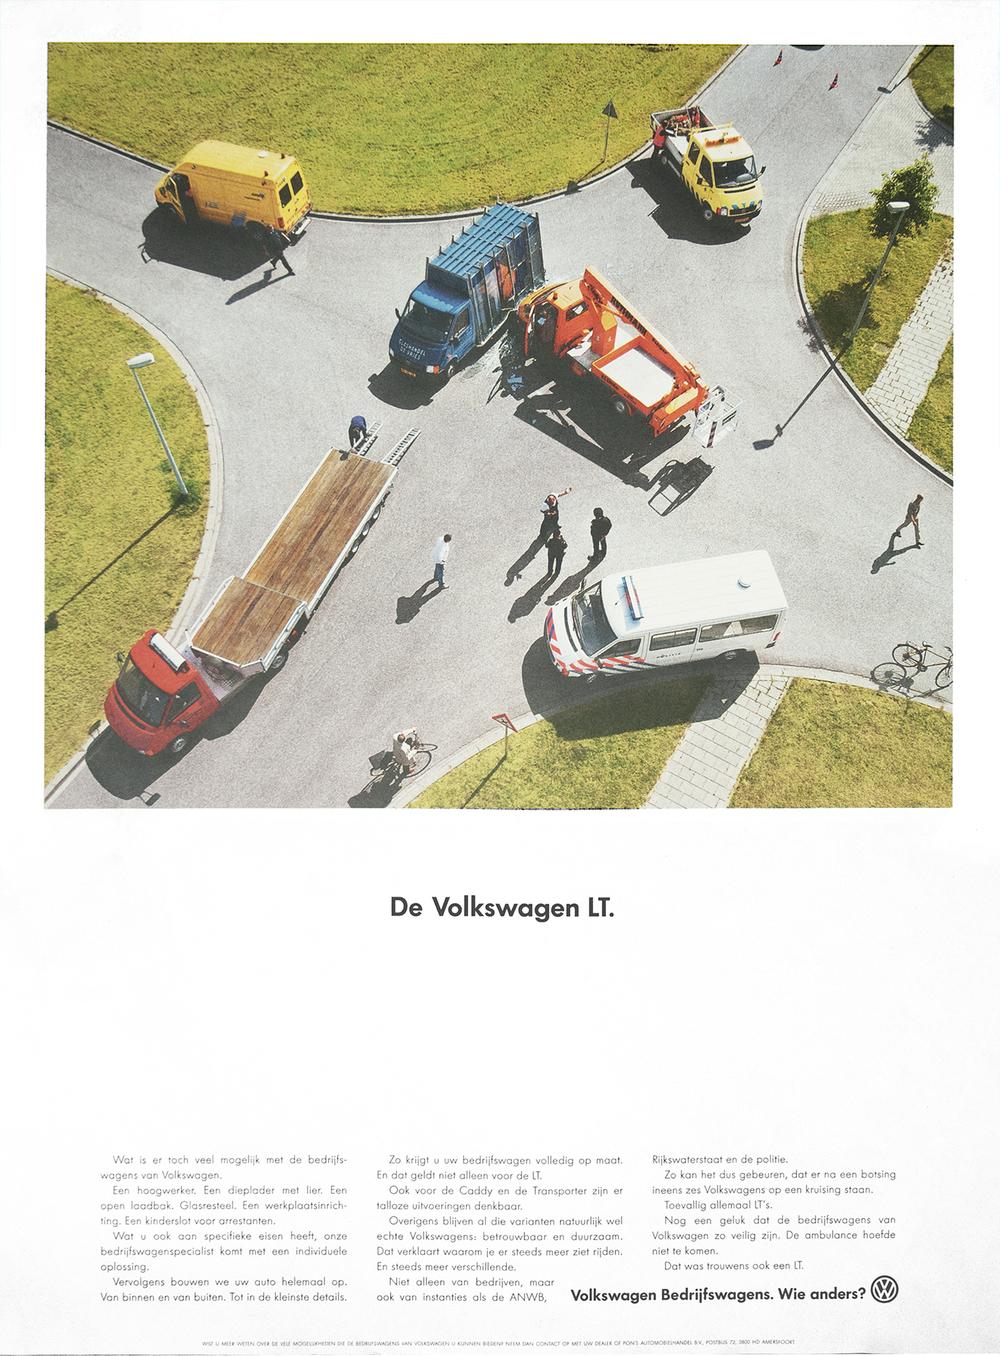 Volkswagen_lt_klein.jpg